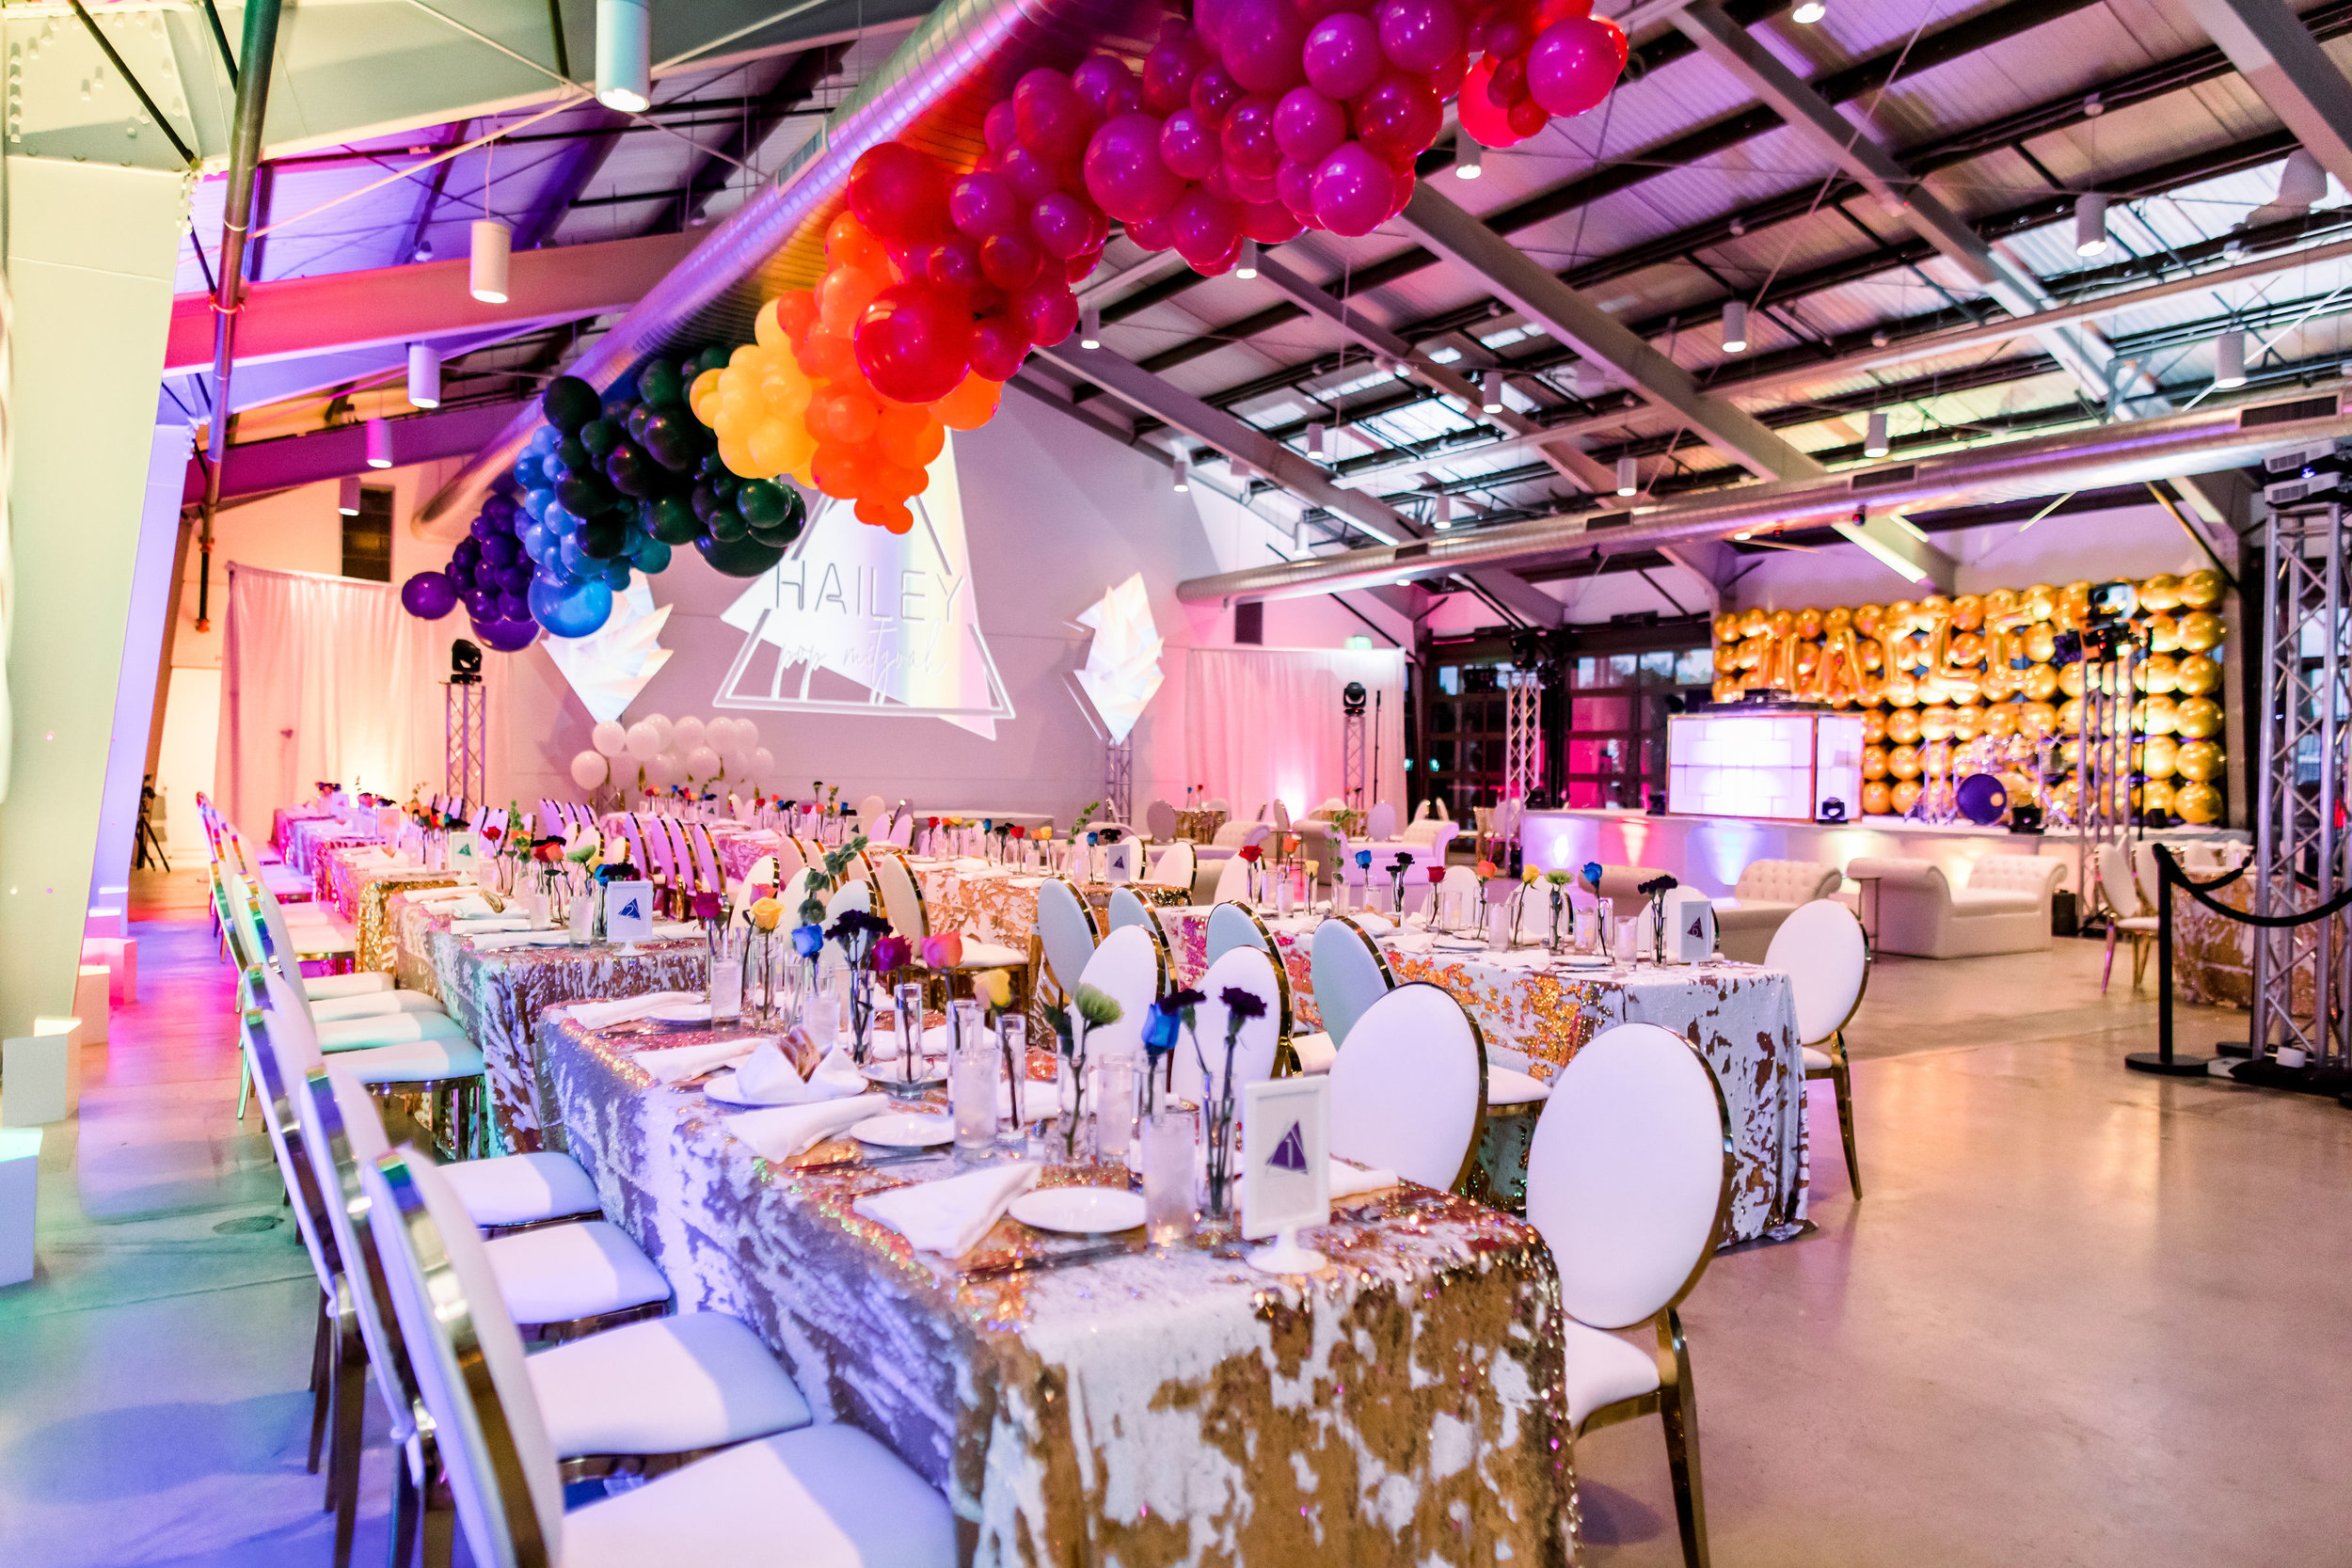 21 rainbow bat mitzvah party room reception dinner tables mermaid sequin table linen rainbow balloon garland custom light projection Life Design Events photos by Stephanie Heymann Photography.jpg